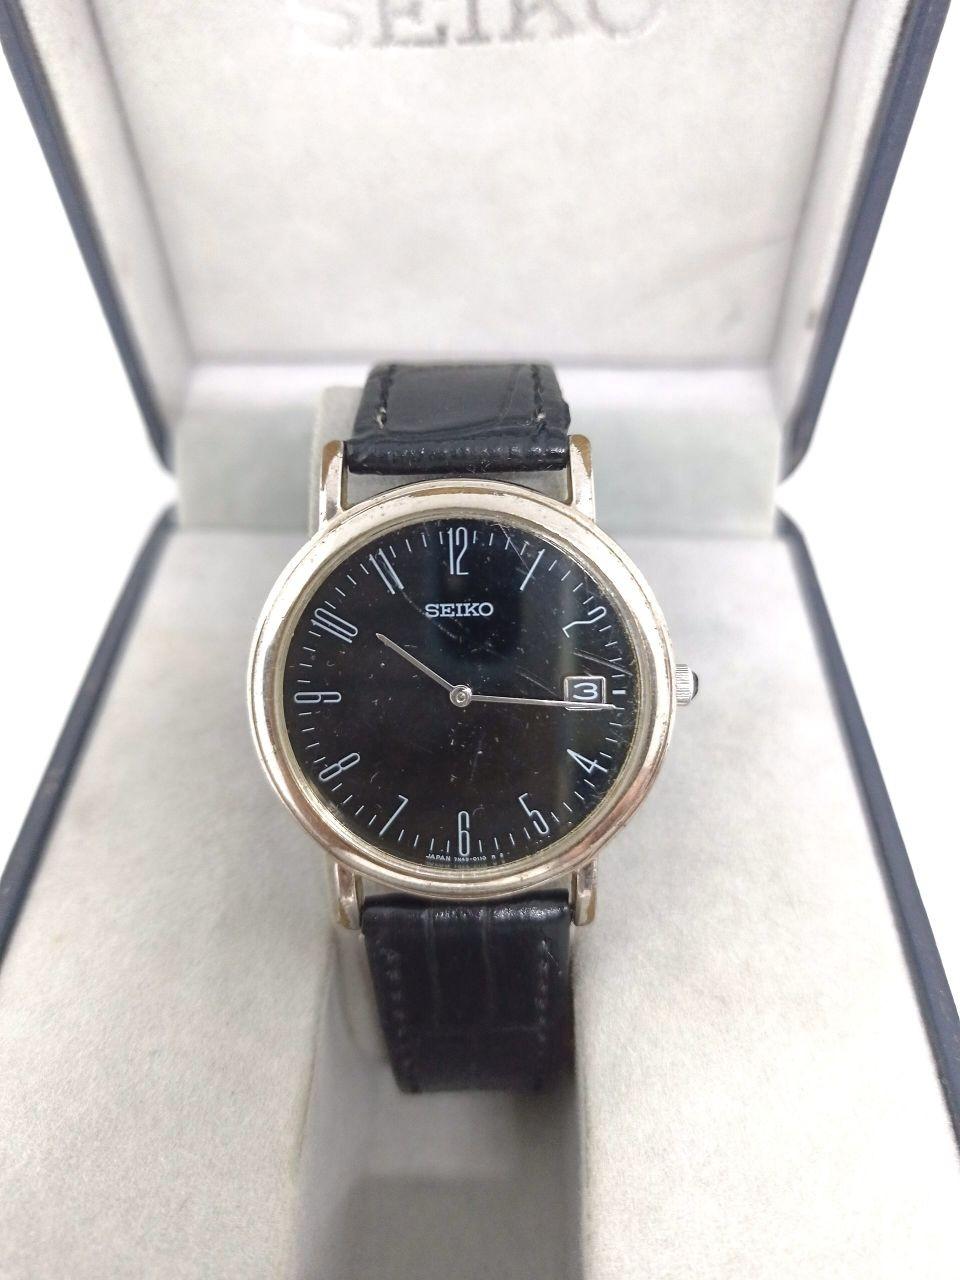 Seiko 680772 watch